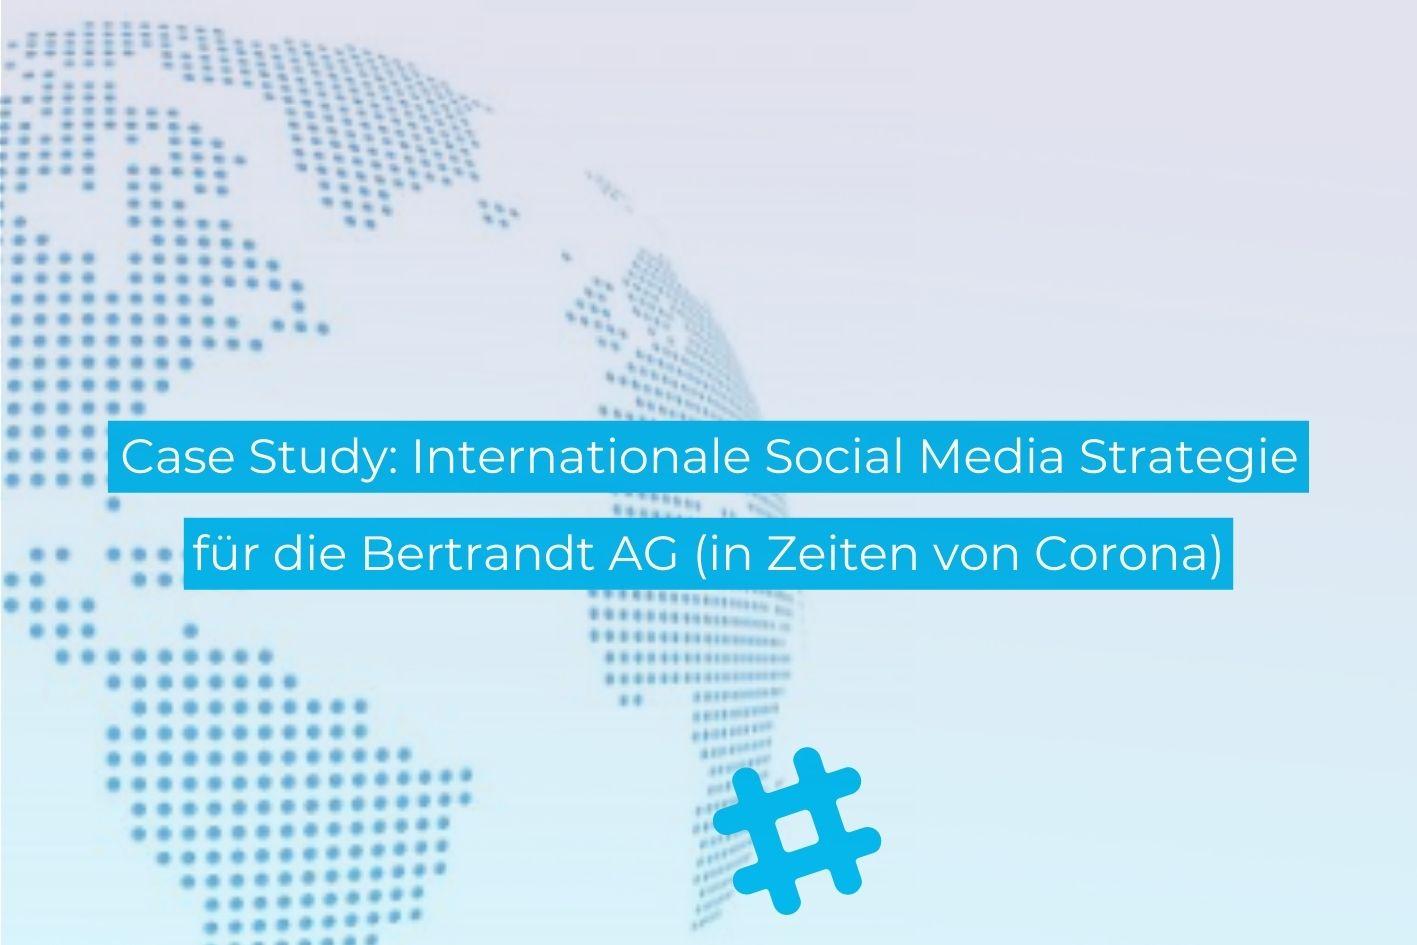 Internationale Social Media Strategie für die Bertrandt AG: Mit Empowerment zum Social Media Playbook (in Zeiten von Corona)